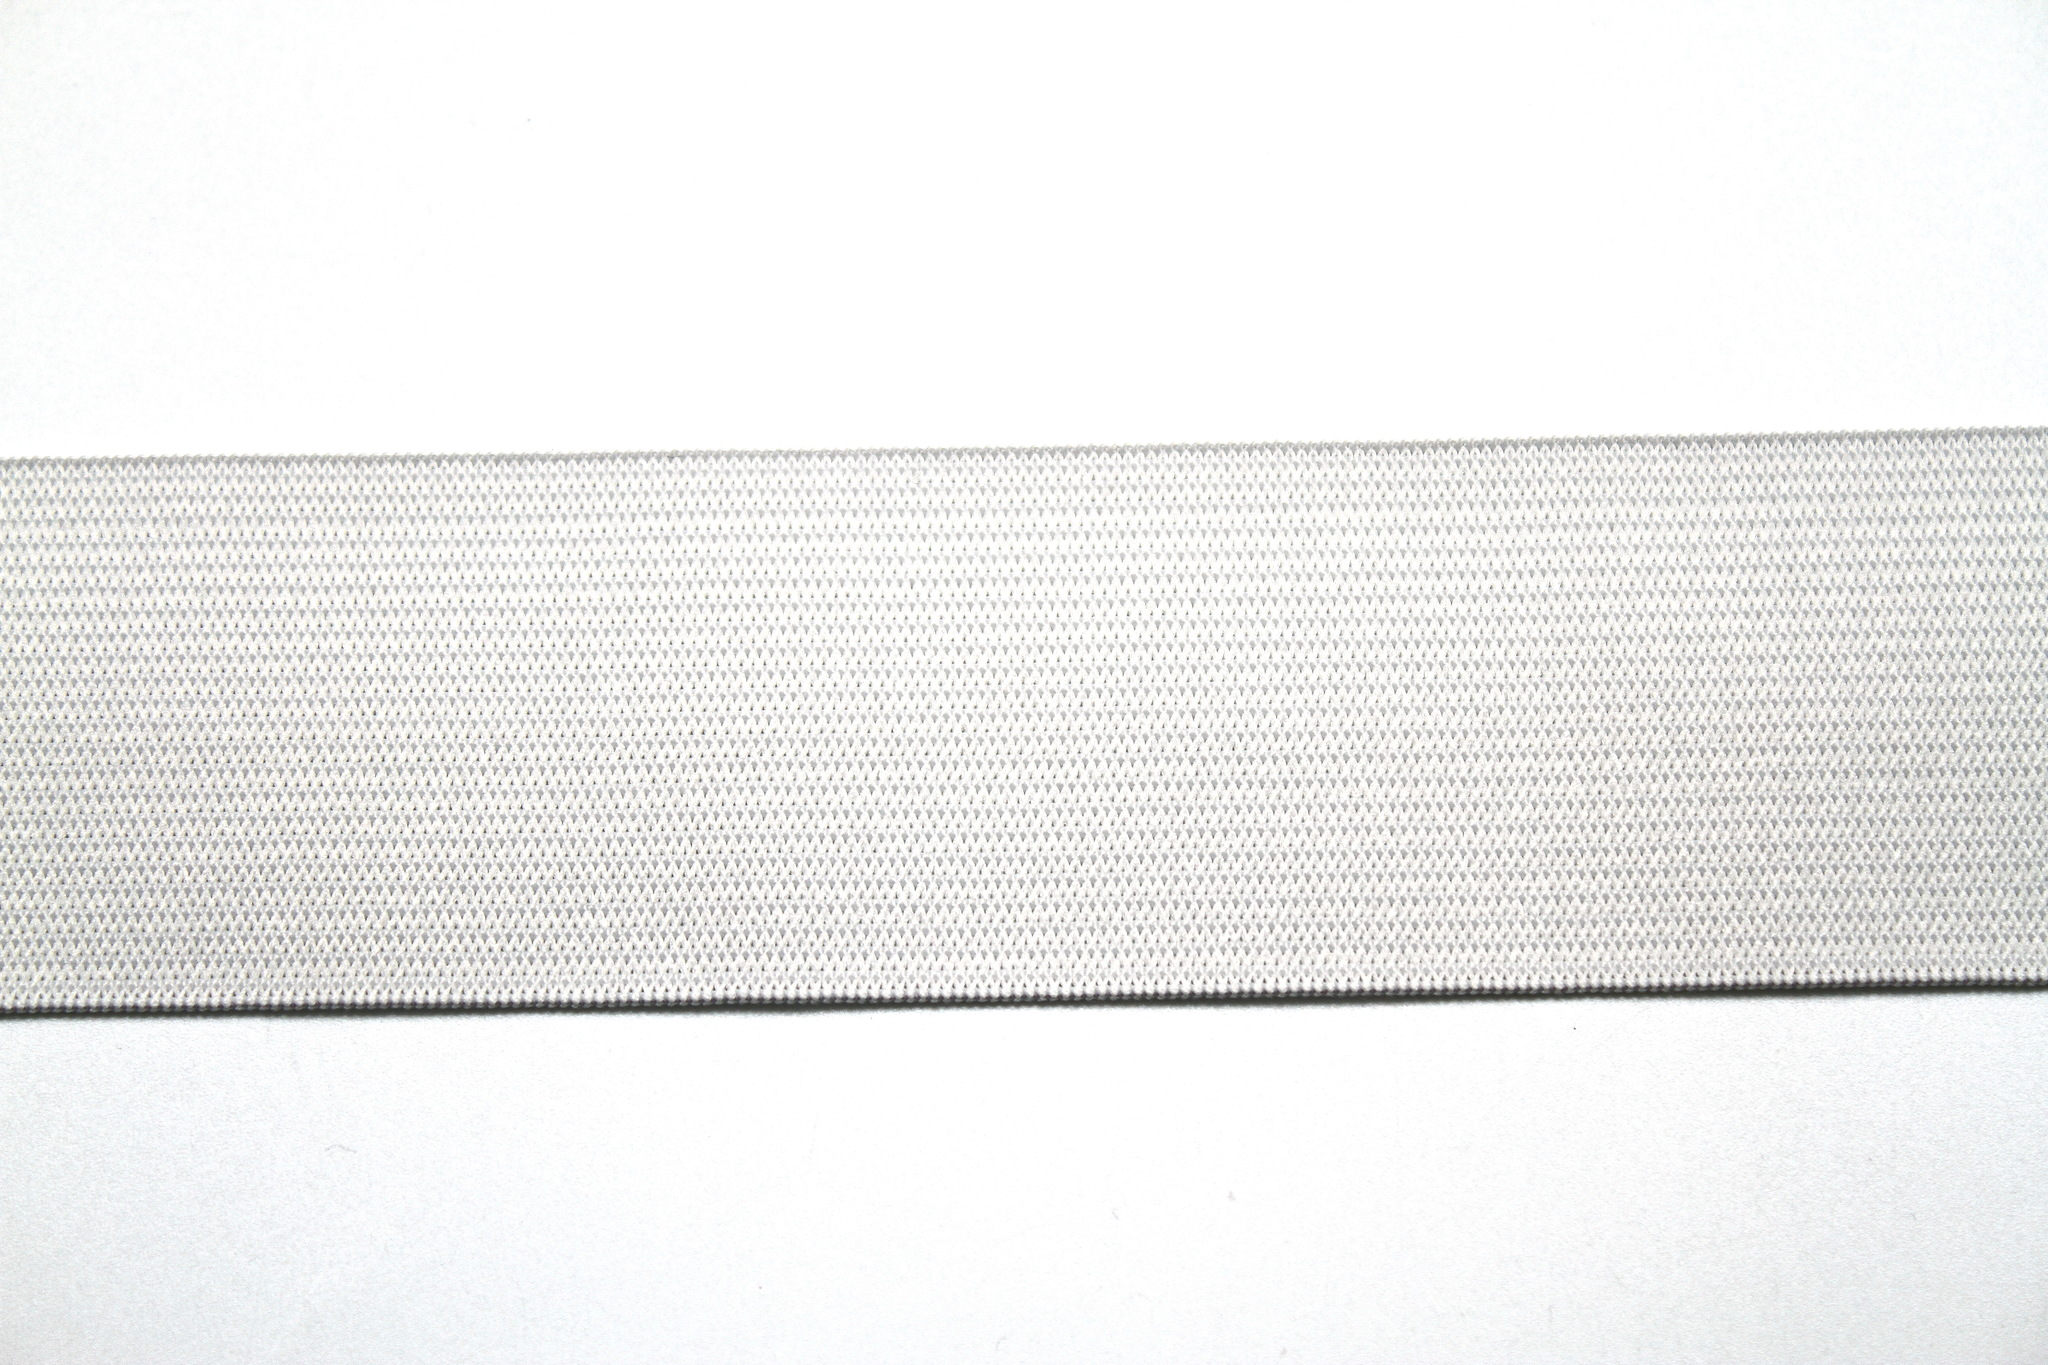 Резинка белая,2,5 см